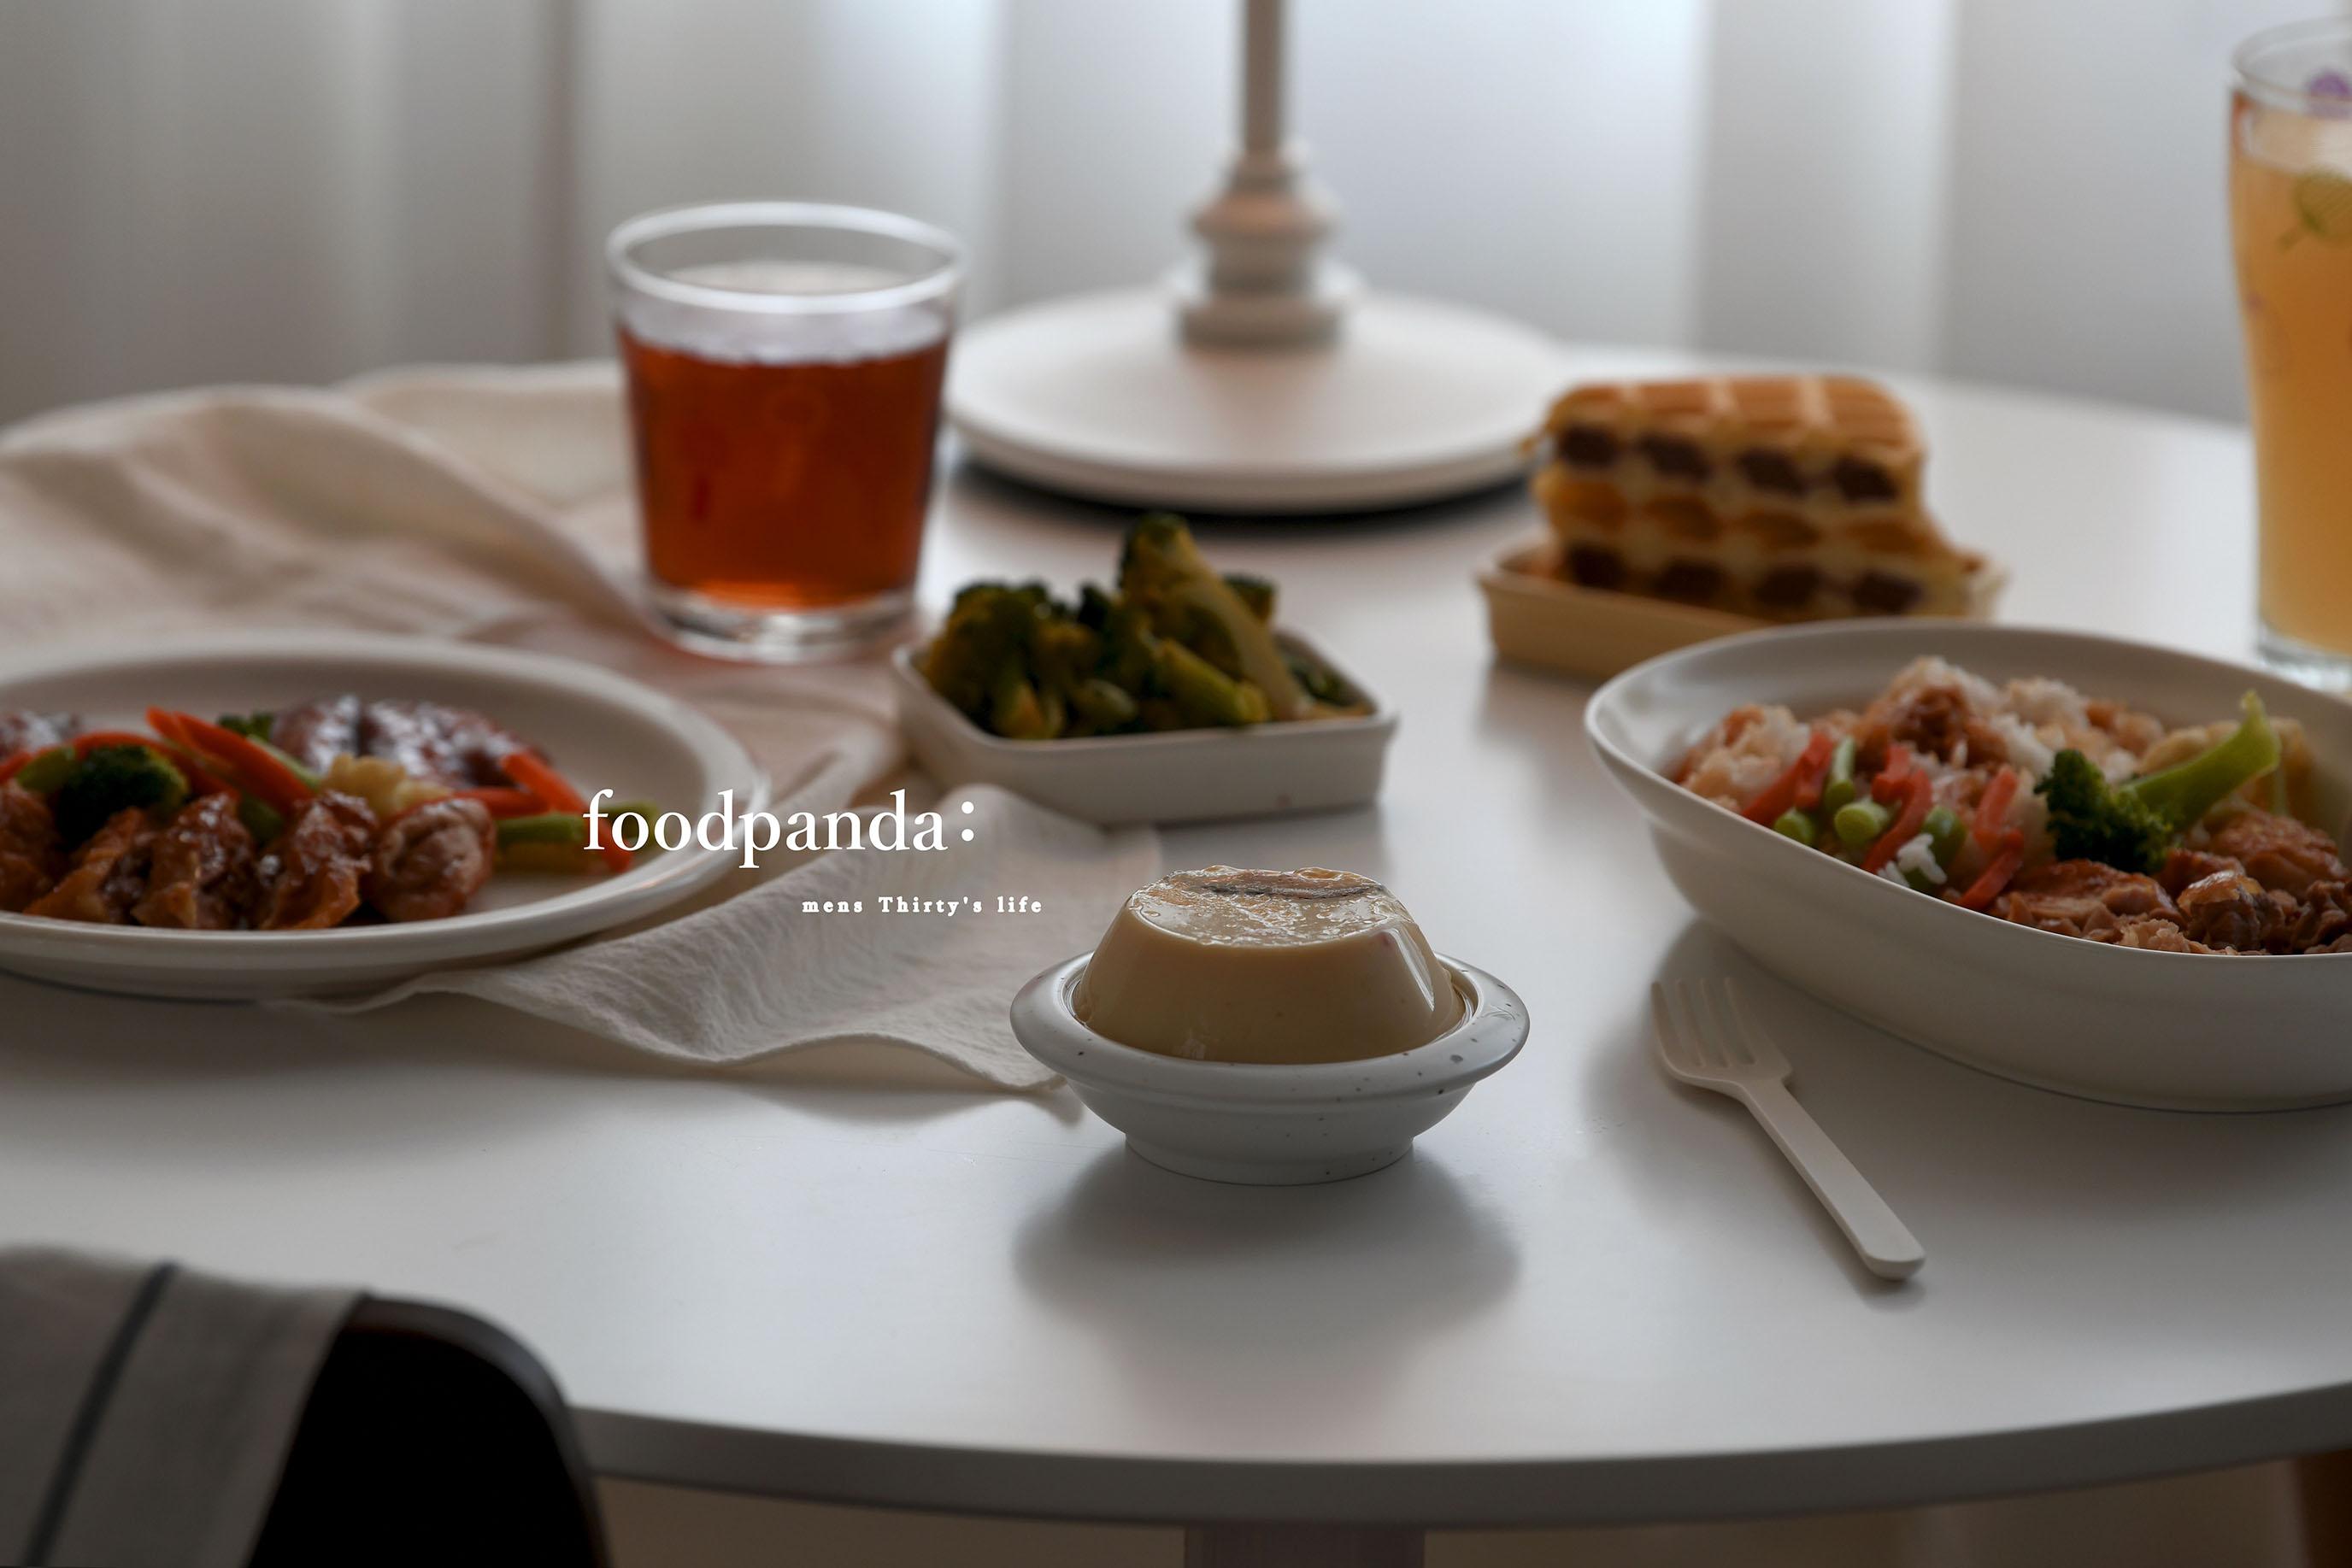 打開 foodpanda,我的今天擁有二十四小時又四十六分鐘。 @MENS 30S LIFE